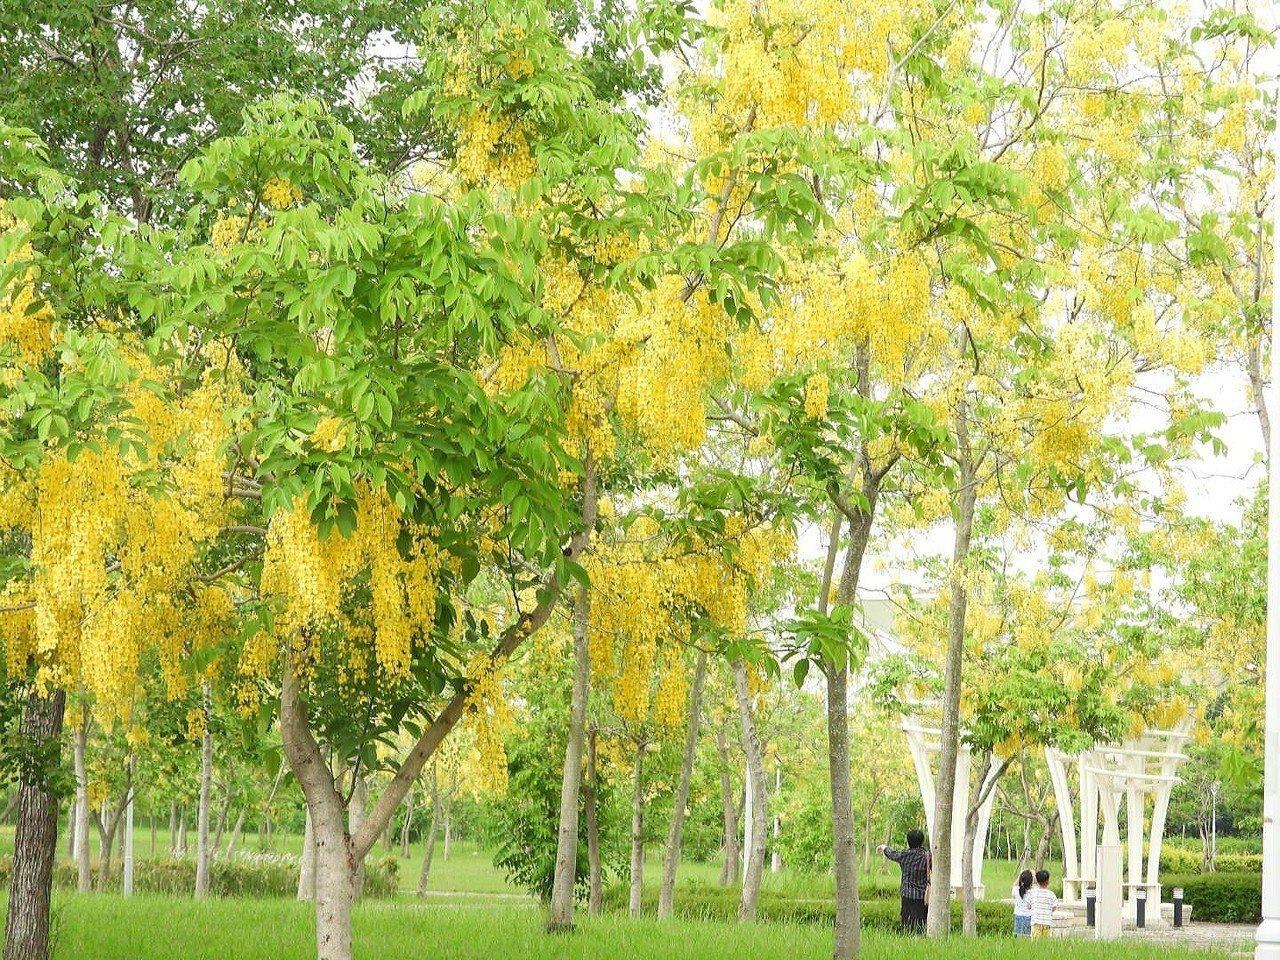 南科阿勃勒森林鮮黃花盛開,親子路過駐足觀賞。記者周宗禎/攝影